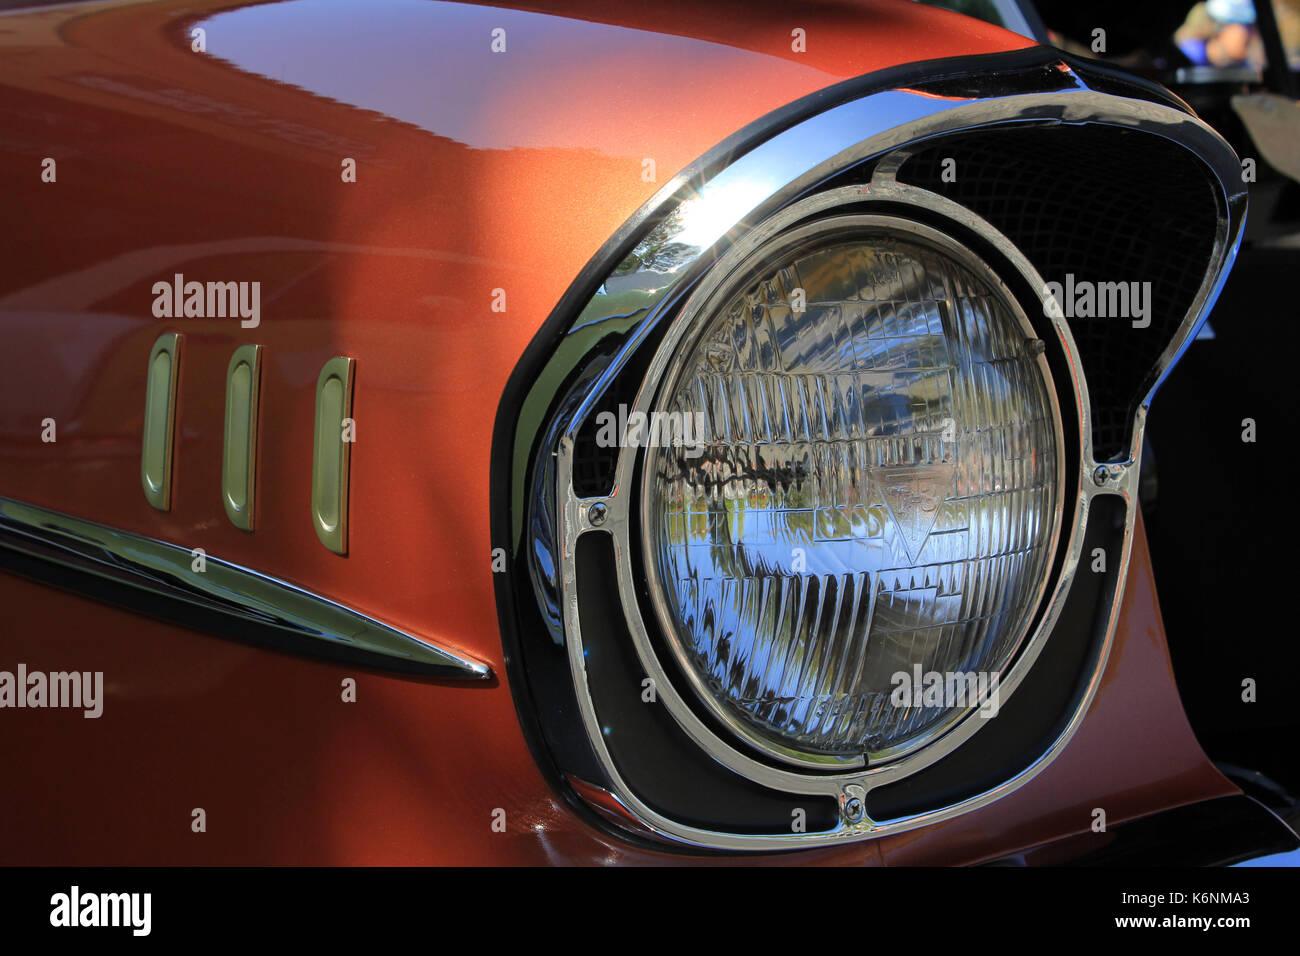 classic car chevy bel air car  at Fairfax California car show Stock Photo